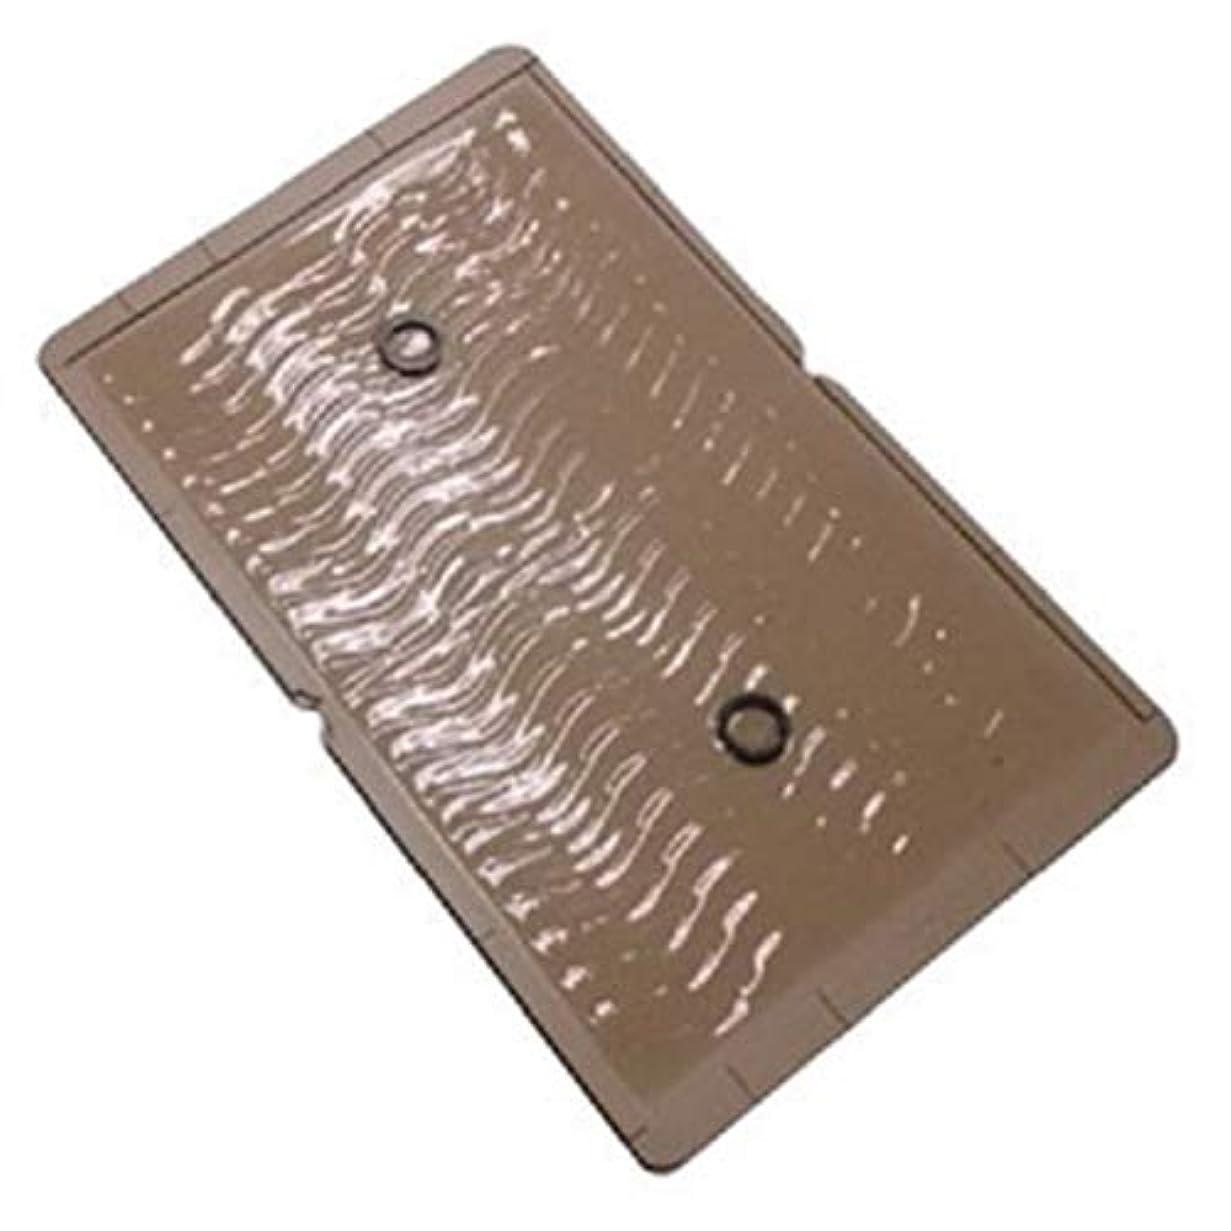 ラップトップ軽複雑でない50枚セット ネズミ捕り イーボード 防水 ネズミ捕りシート ネズミ捕り器 粘着シート 仕掛け